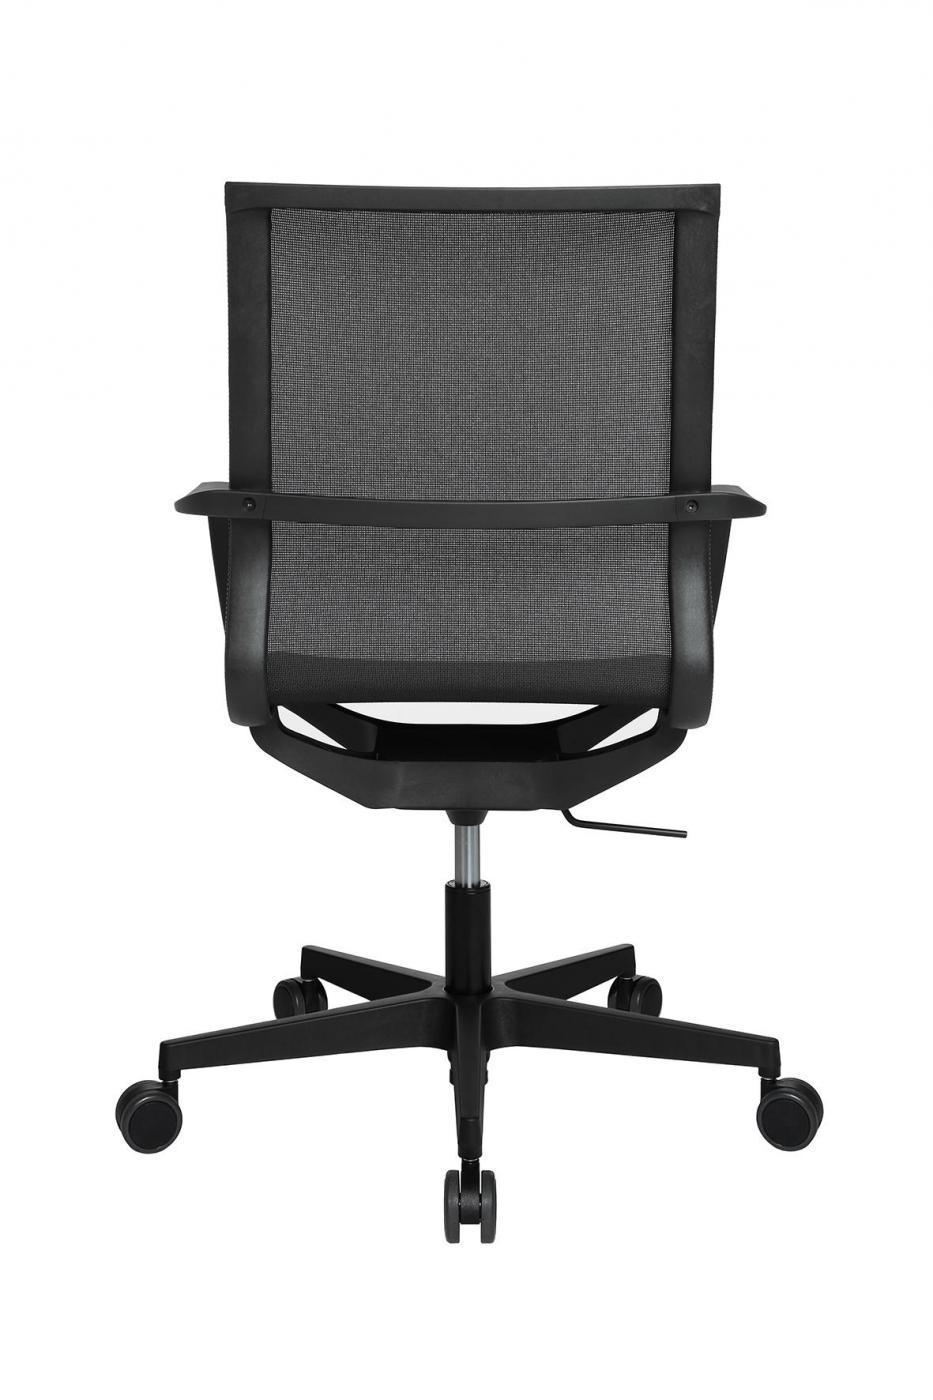 Moderni biuro kėdė su Sitness || Kėdžių centras